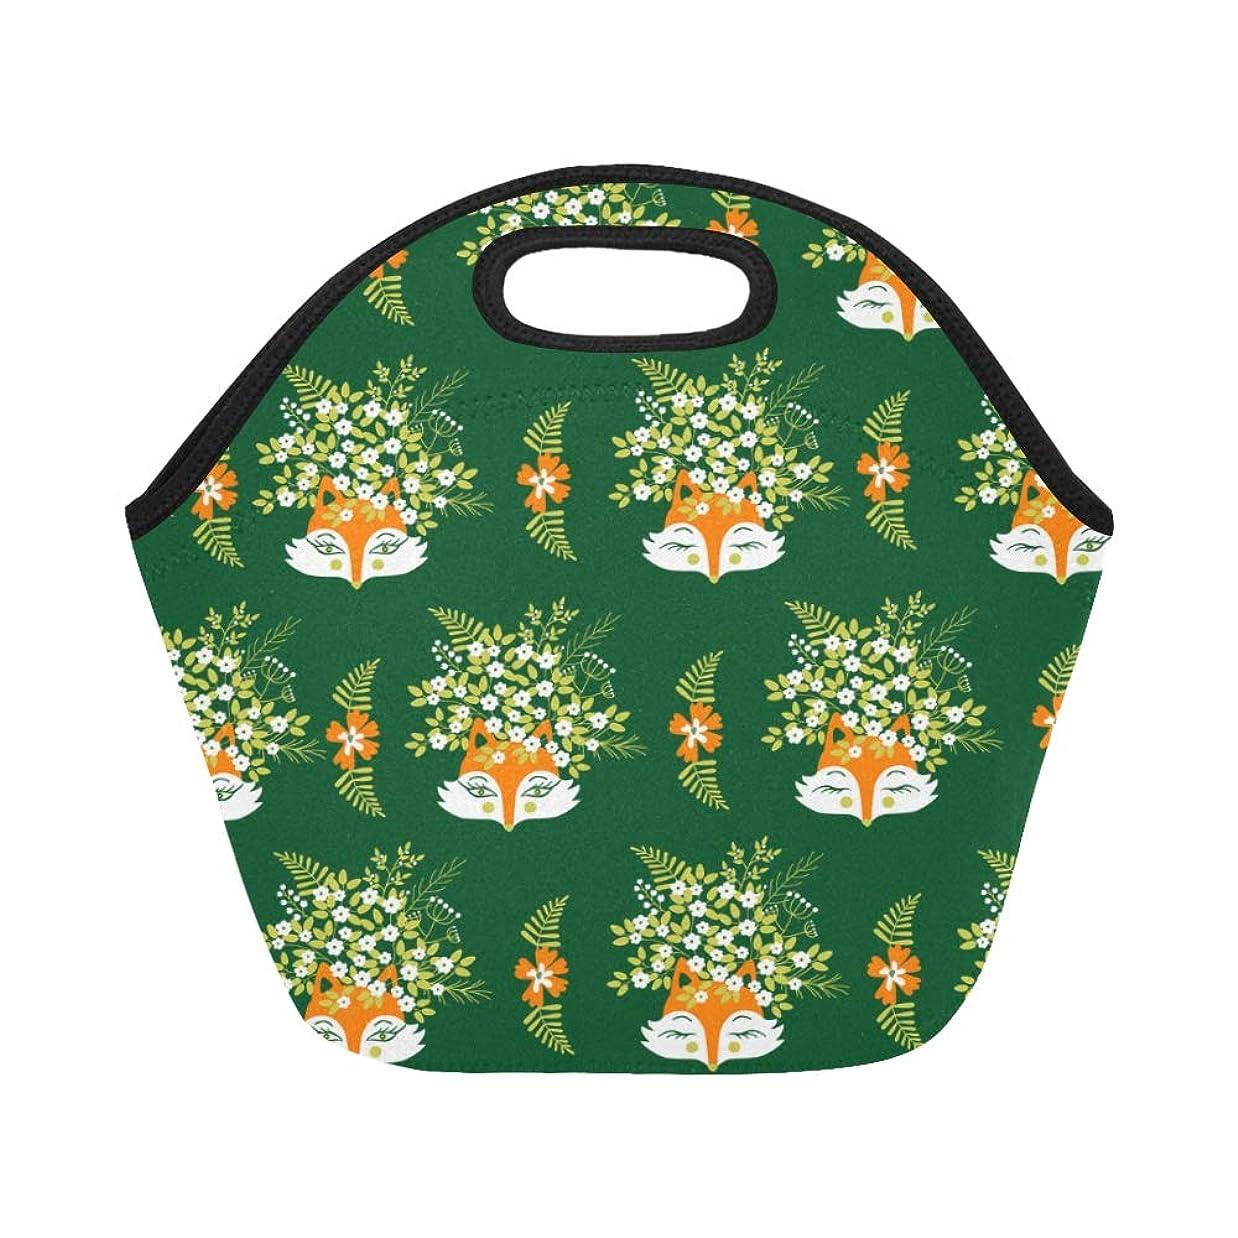 その数学的な星CWSGH ランチバッグ 緑色 キツネや美しい花 弁当袋 お弁当入れ 保温保冷 トート 弁当バッグ 大容量 トートバッグ